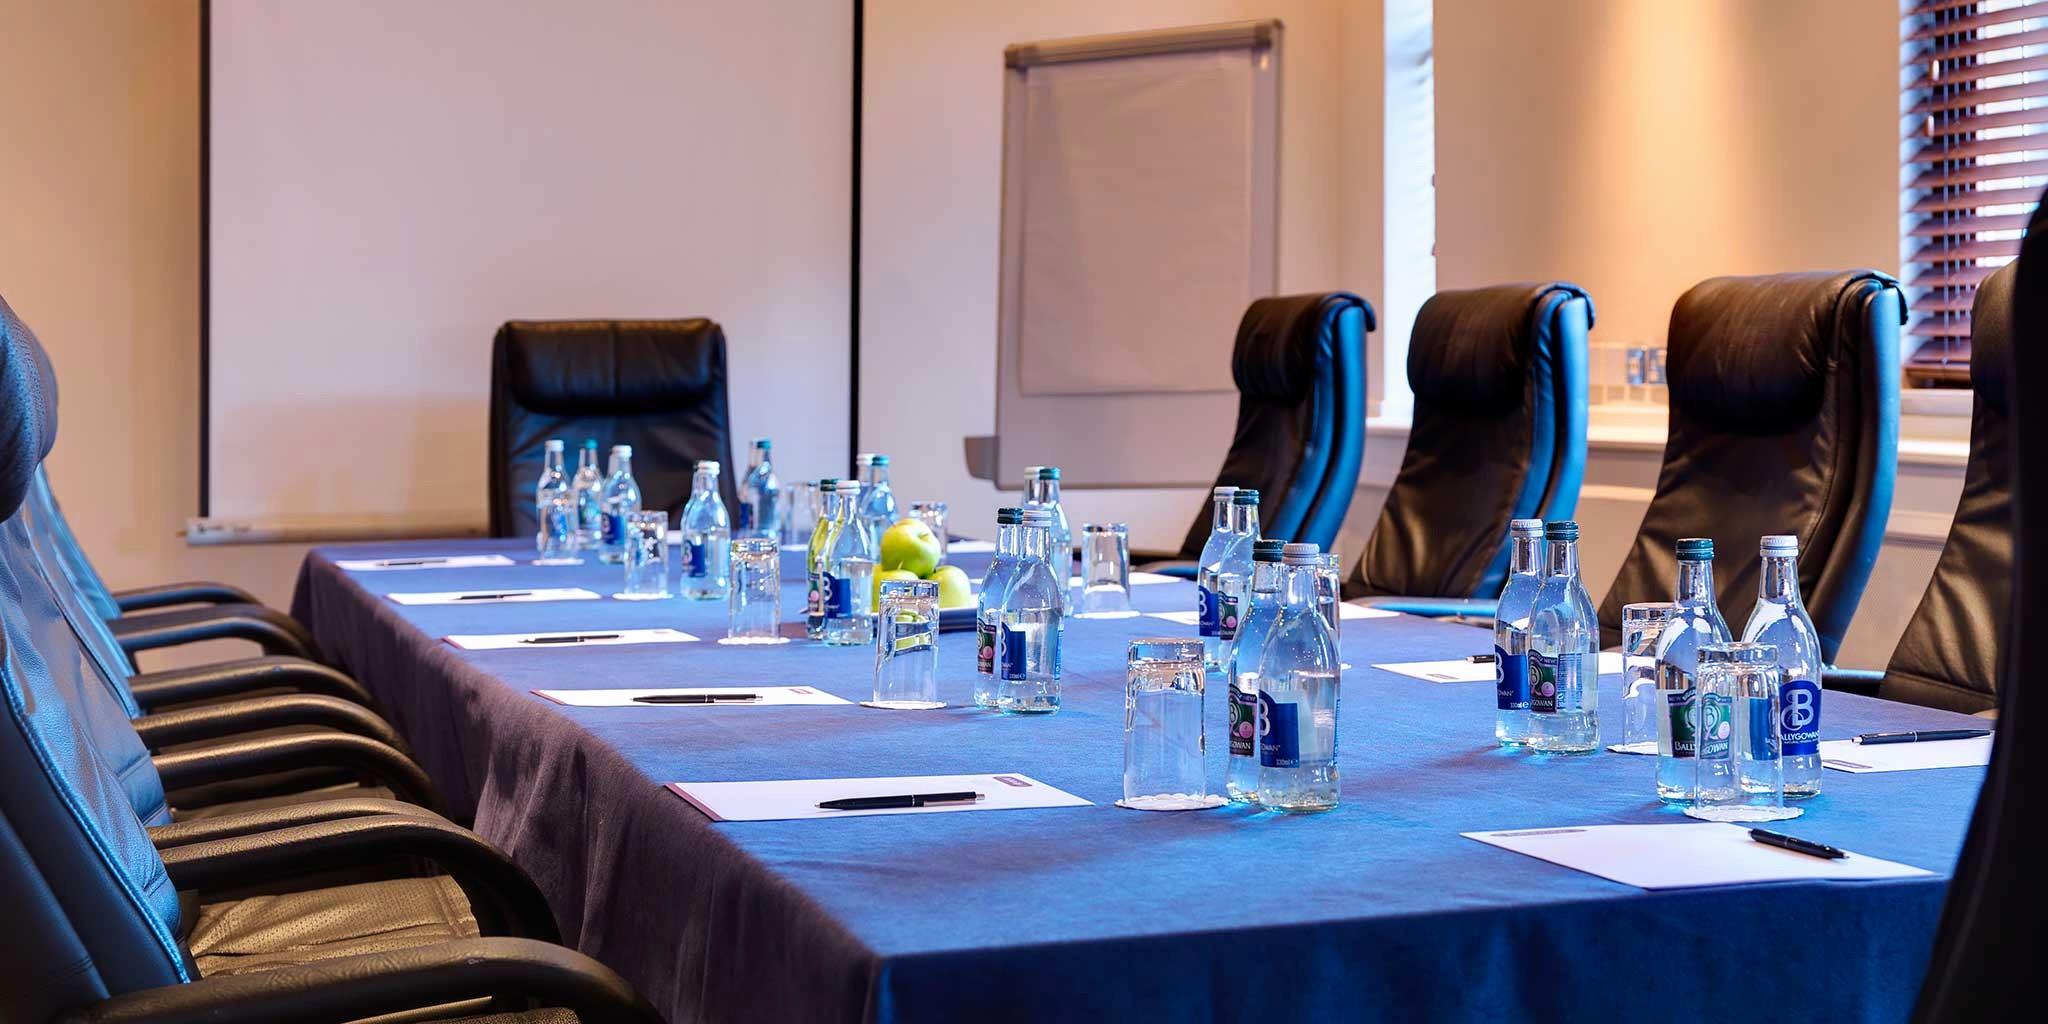 At Meeting or In Meeting Luxury Meetings & events Gallery